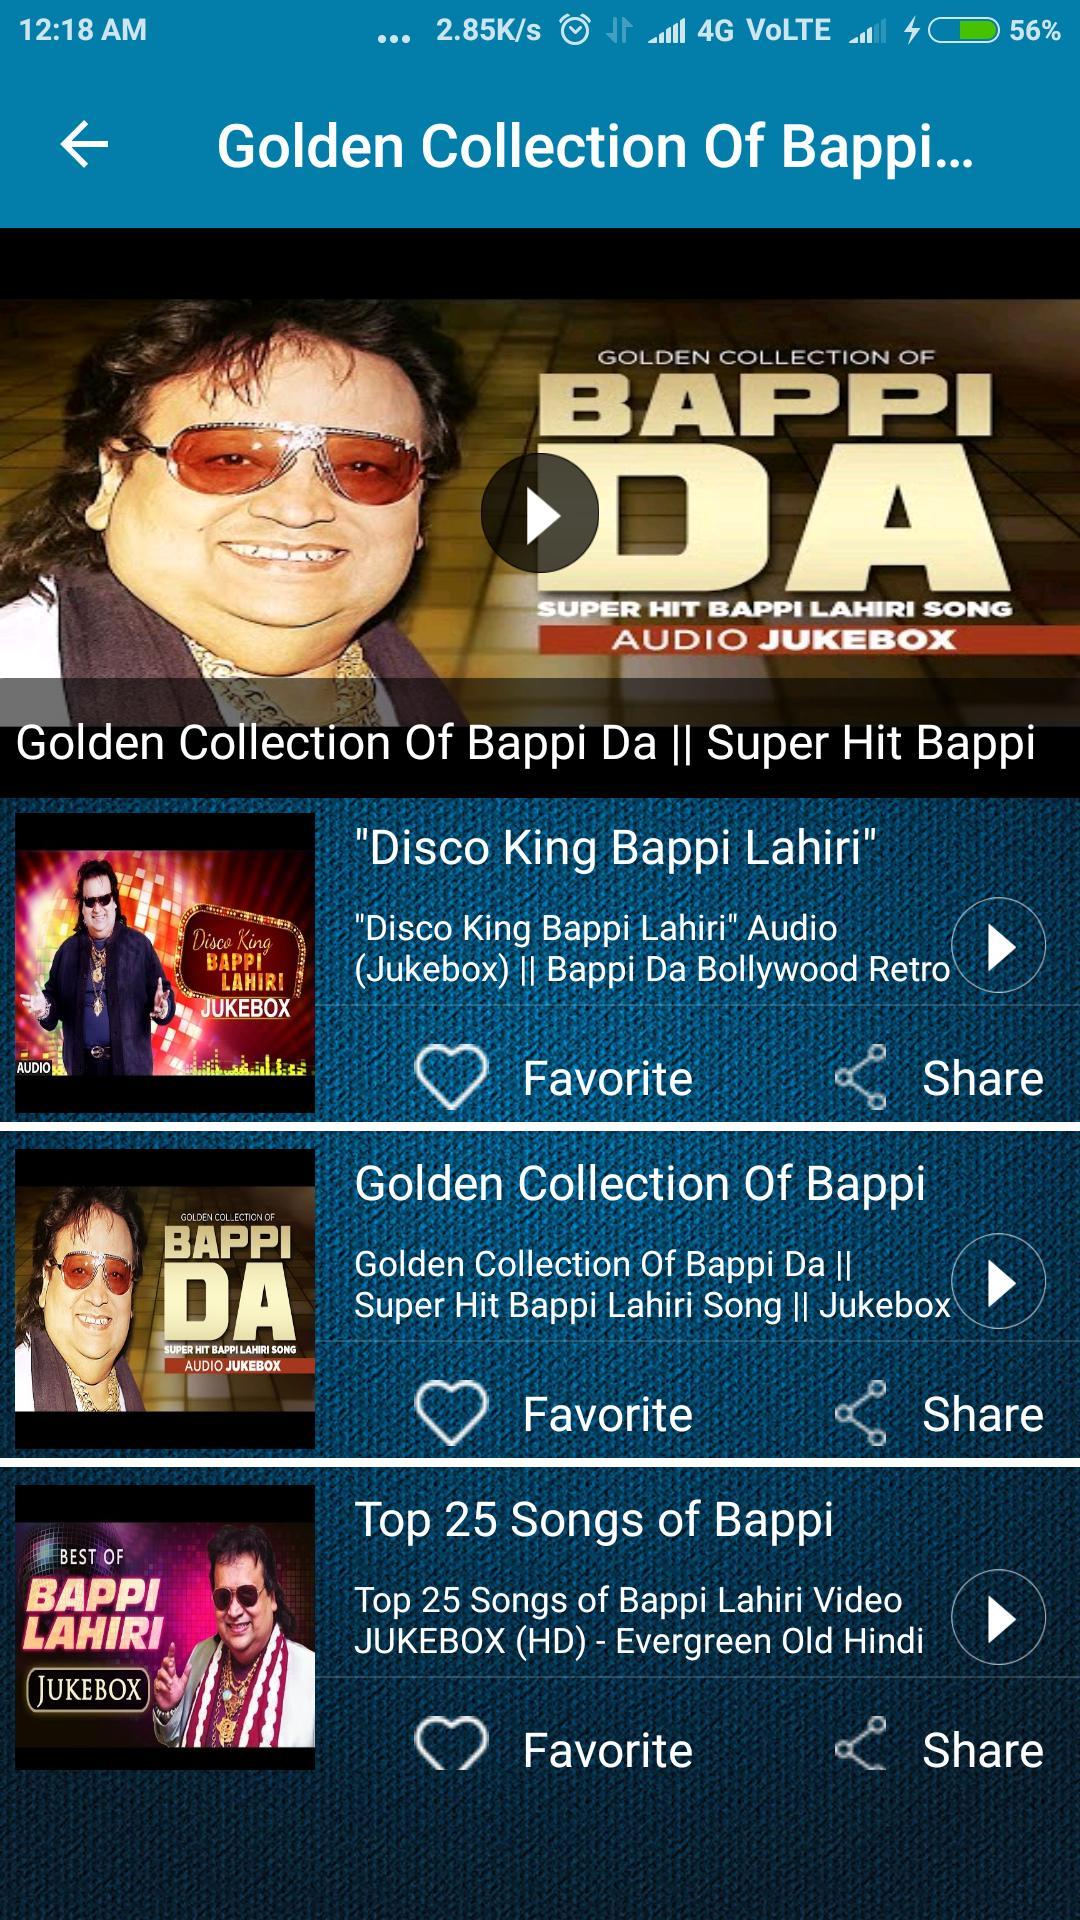 bappi lahiri hit songs mp3 free download zip